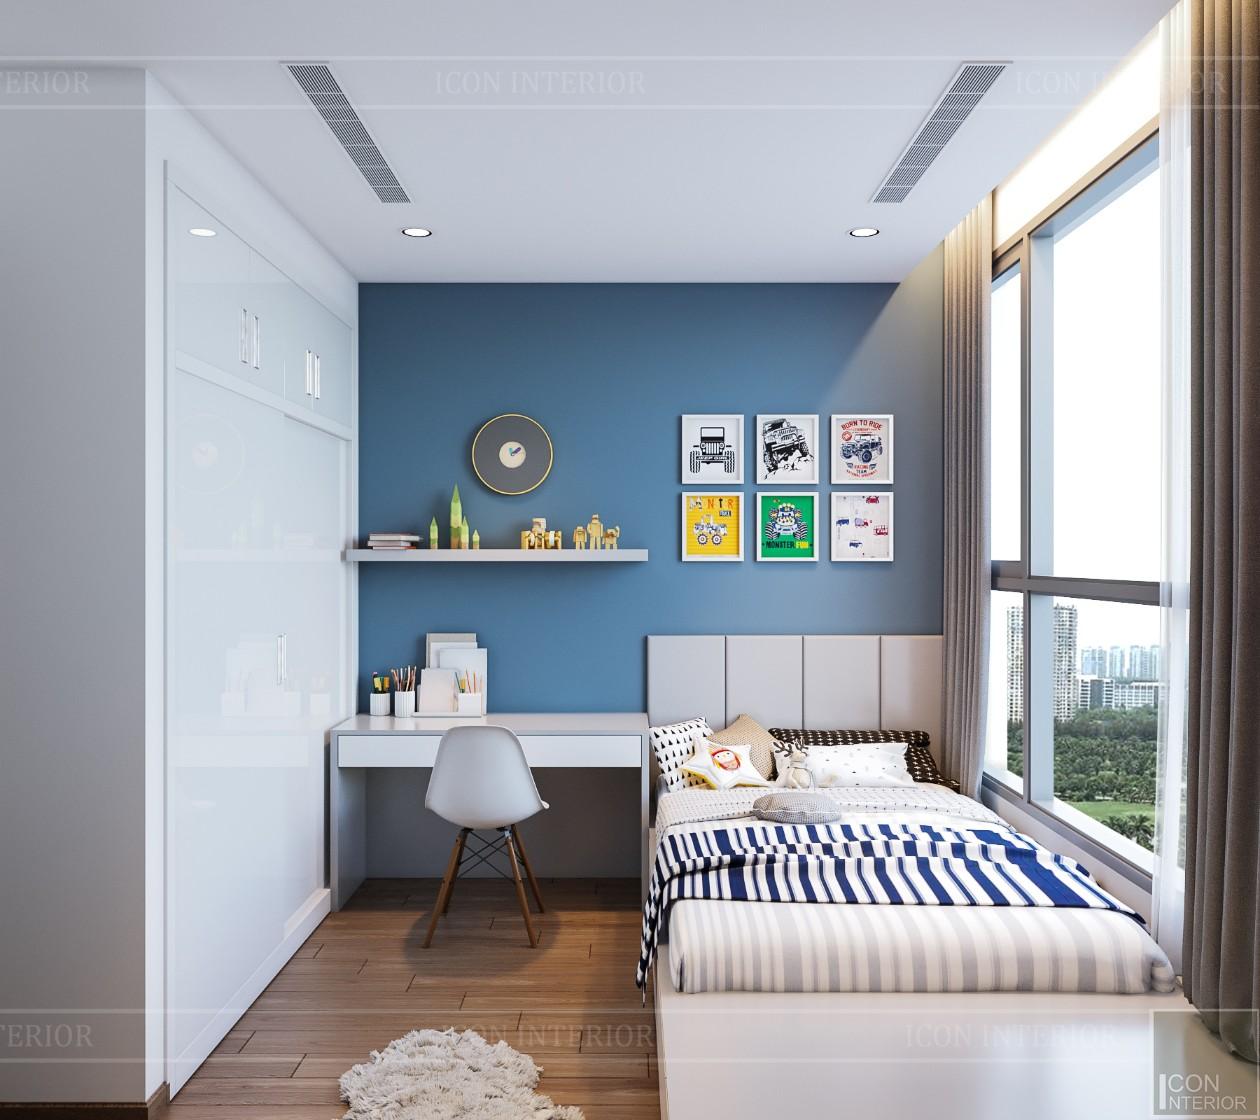 thiết kế nội thất đẹp hiện đại - phòng ngủ bé trai 2